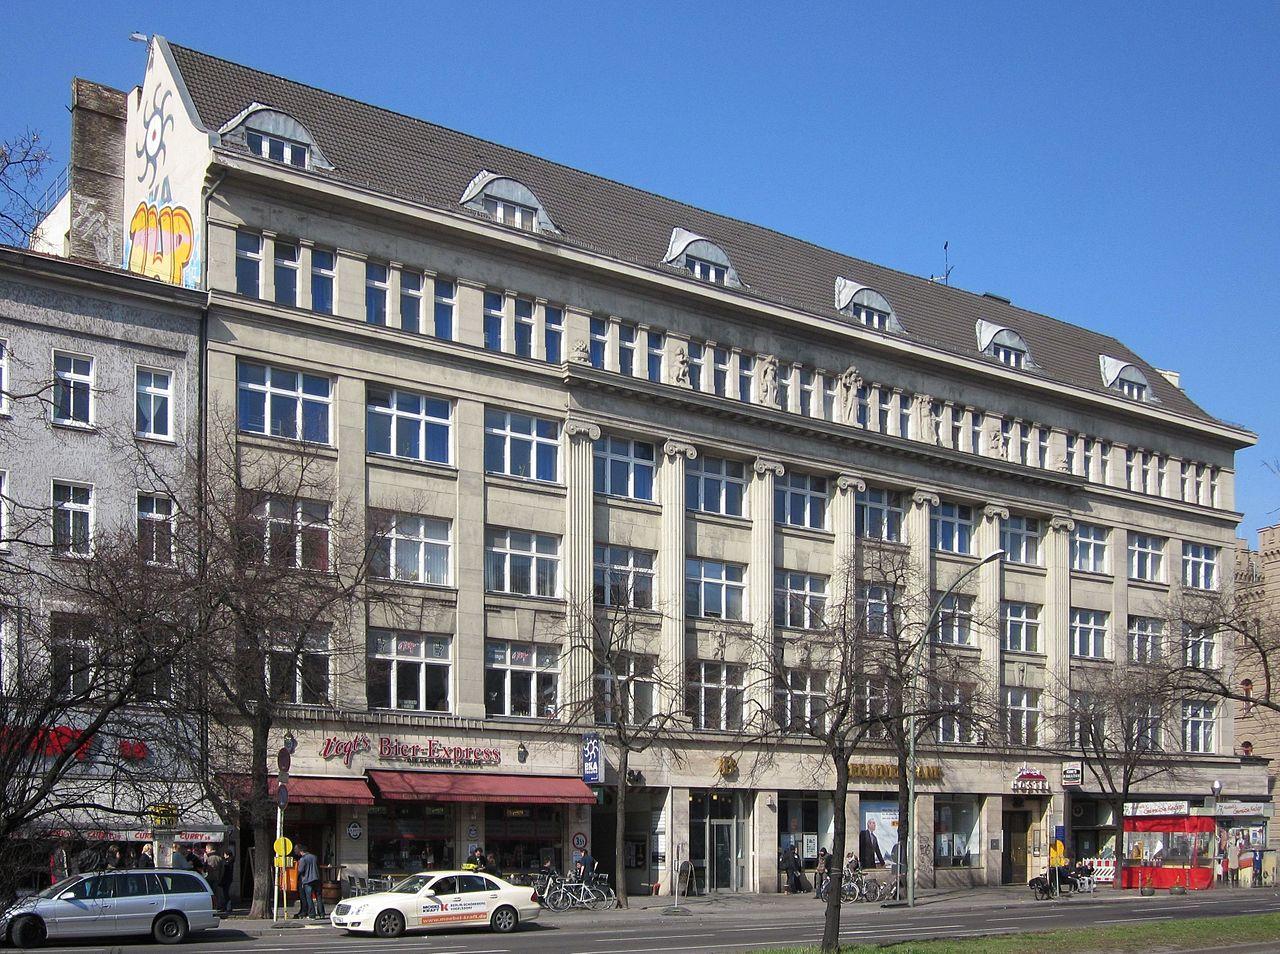 14-Berlin,_Kreuzberg,_Mehringdamm_32-34,_Geschaeftshaus.jpg